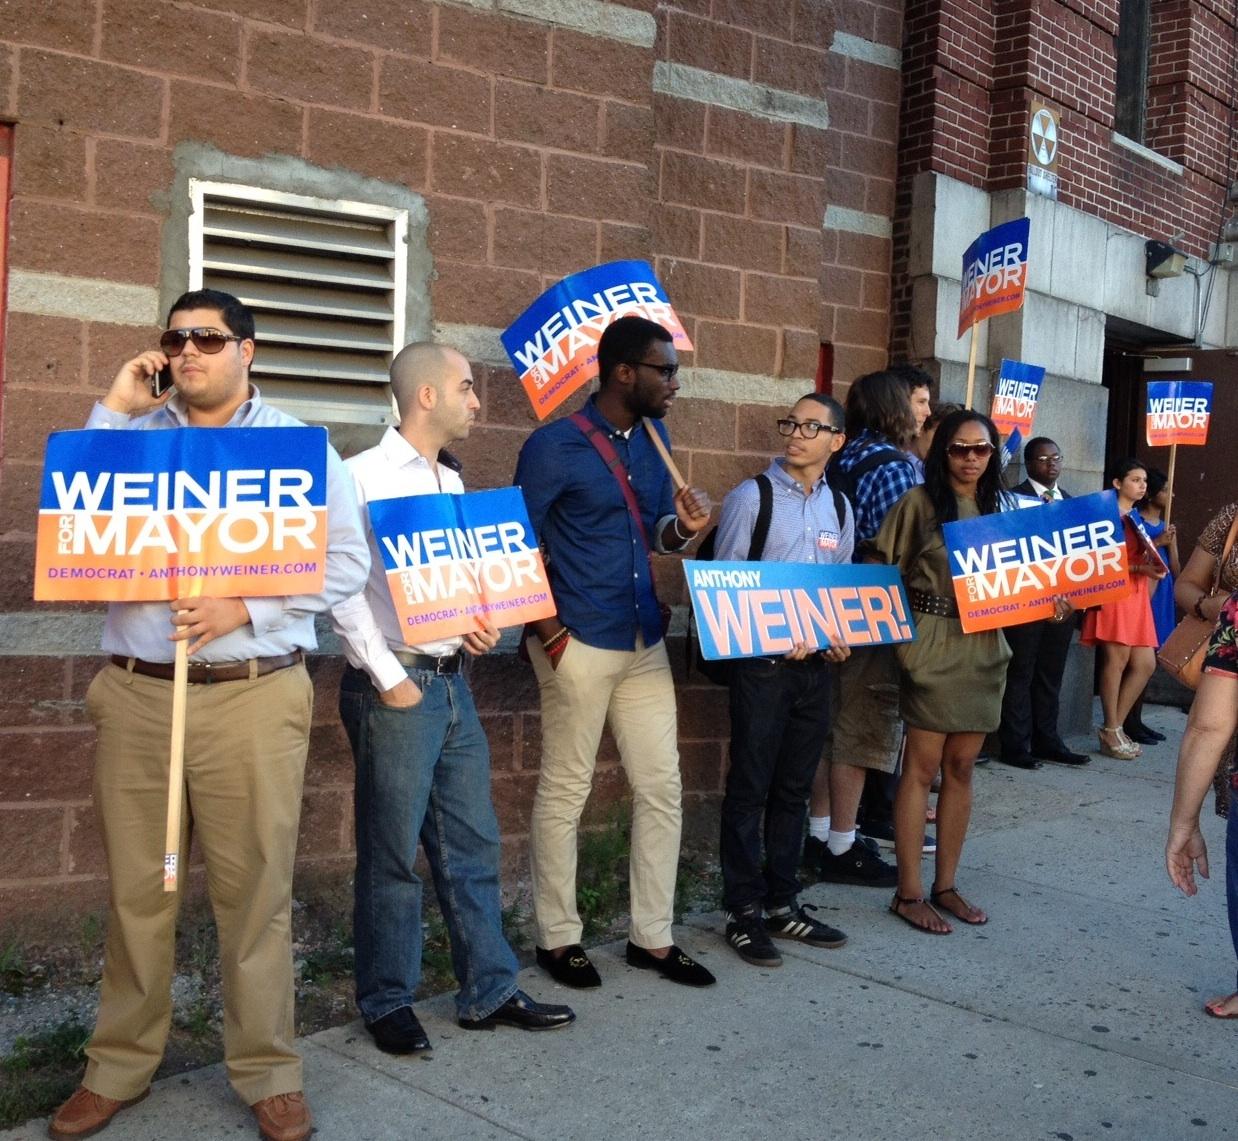 Mayoral candidates debate housing